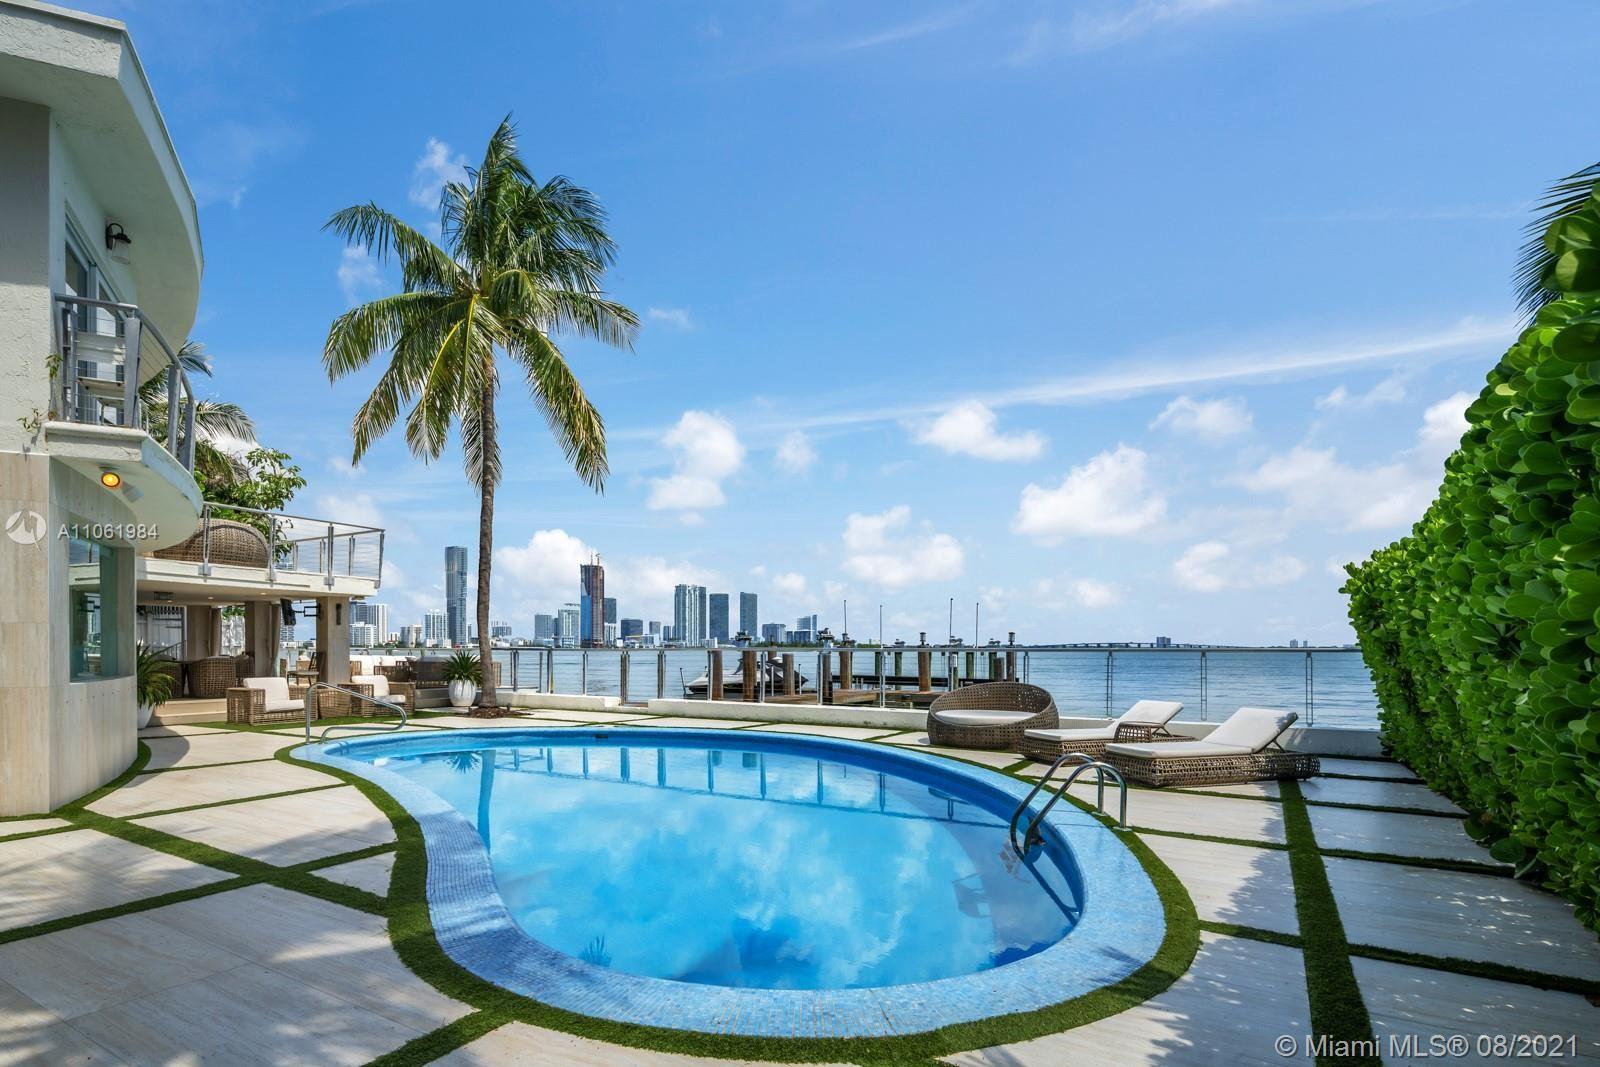 1121 N Venetian Dr, Miami, FL 33139 - #: A11061984